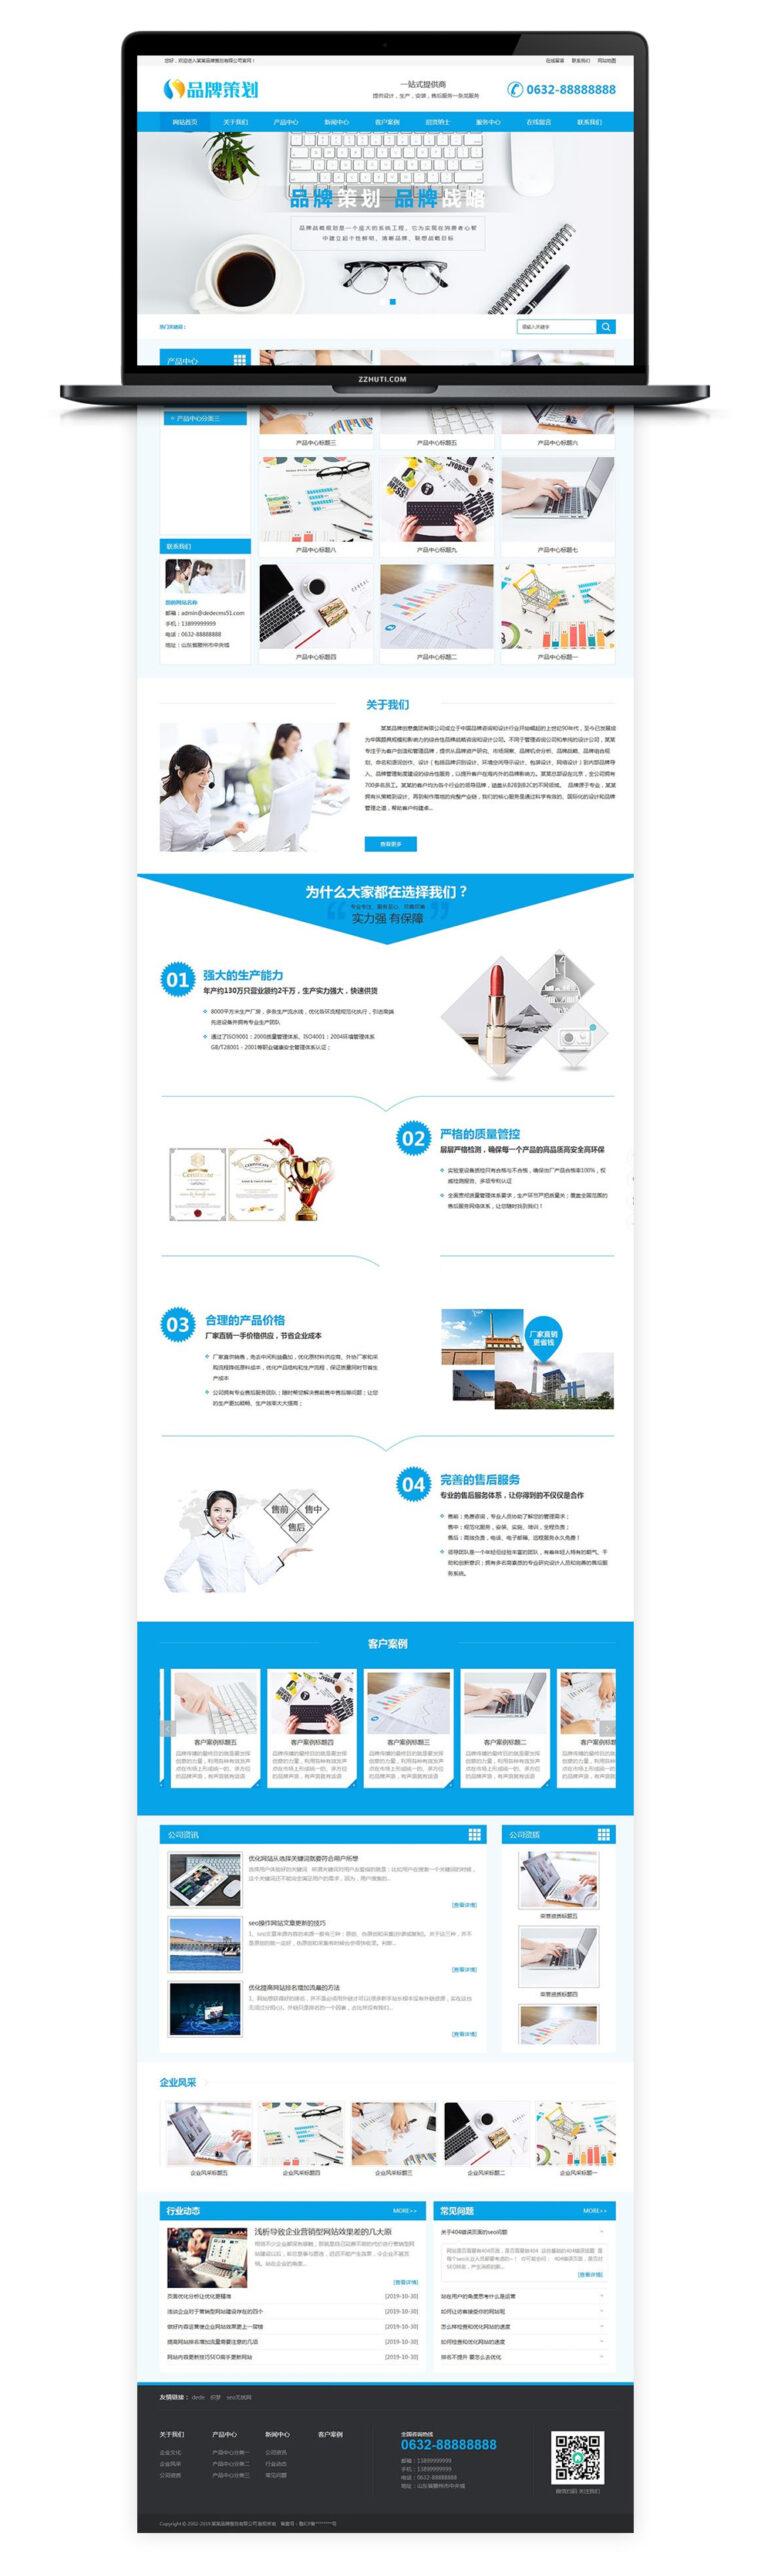 D97织梦dede模板源码品牌设计网站模板深蓝色推广设计方案公司模板[自适应手机版]